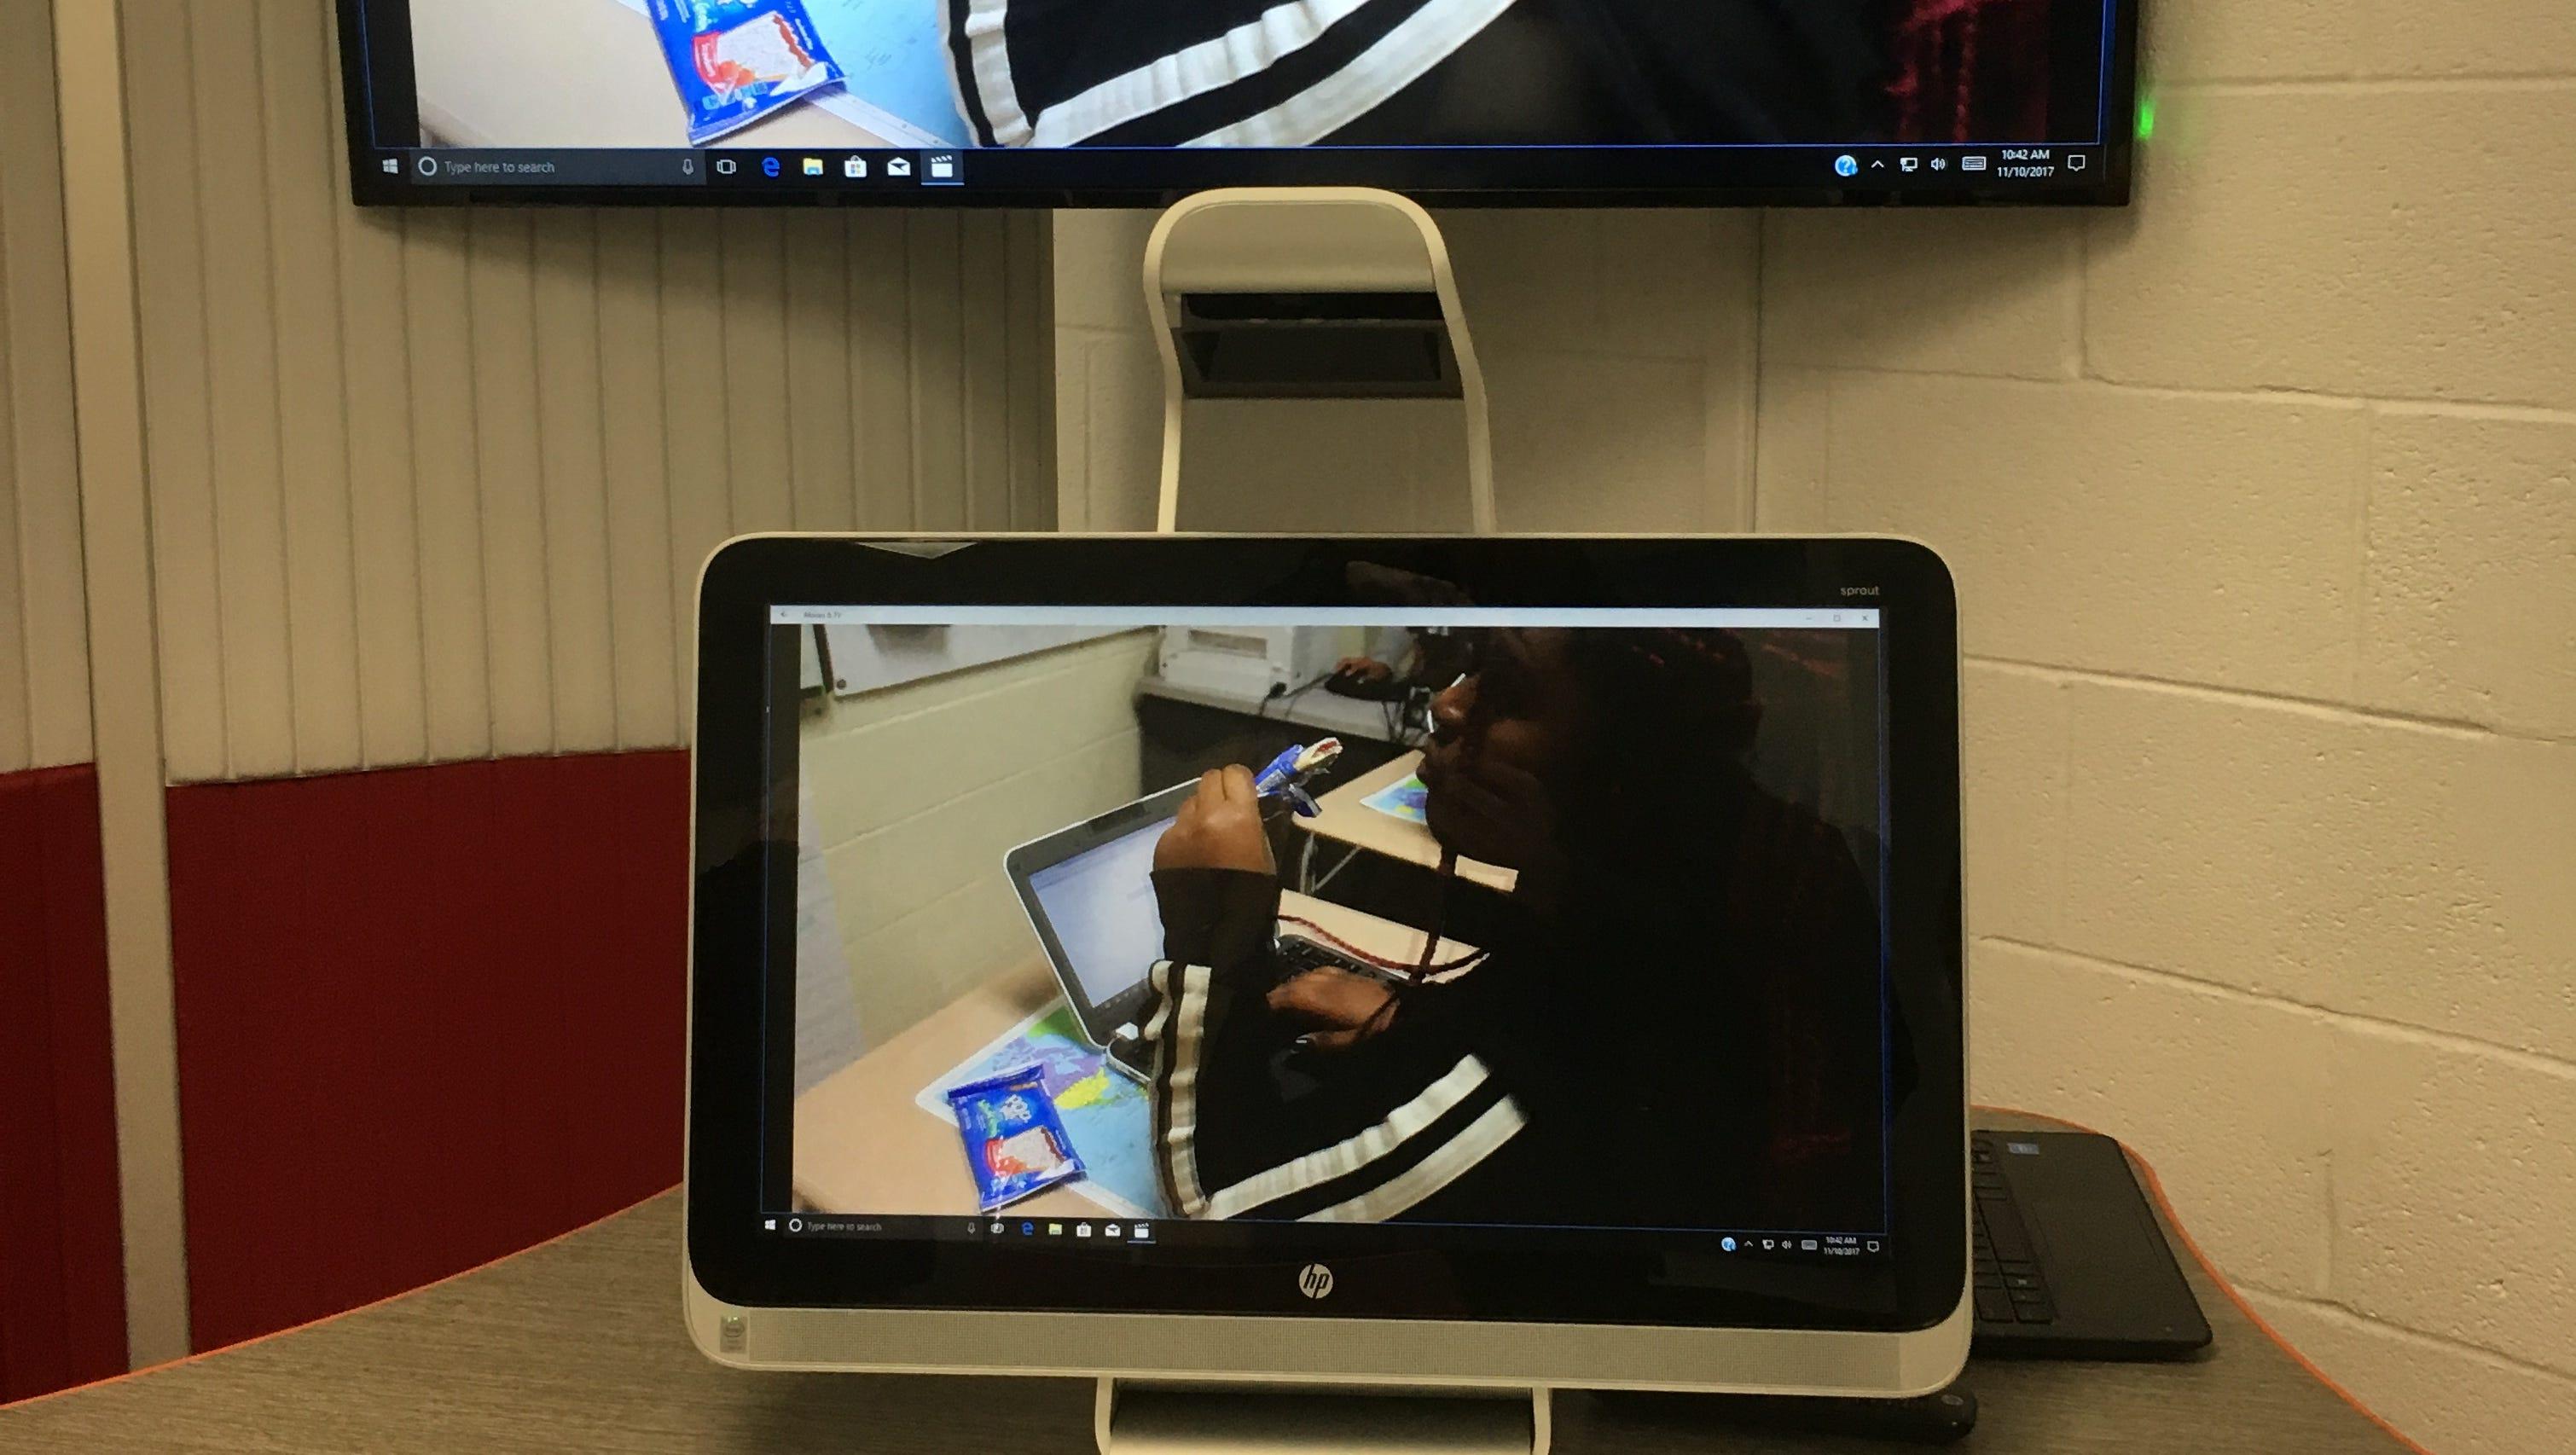 636461946265682924 HP Learning Studio 3 IMG 5068 JPG?width=3020&height=1706&fit=crop&format=pjpg&auto=webp.'